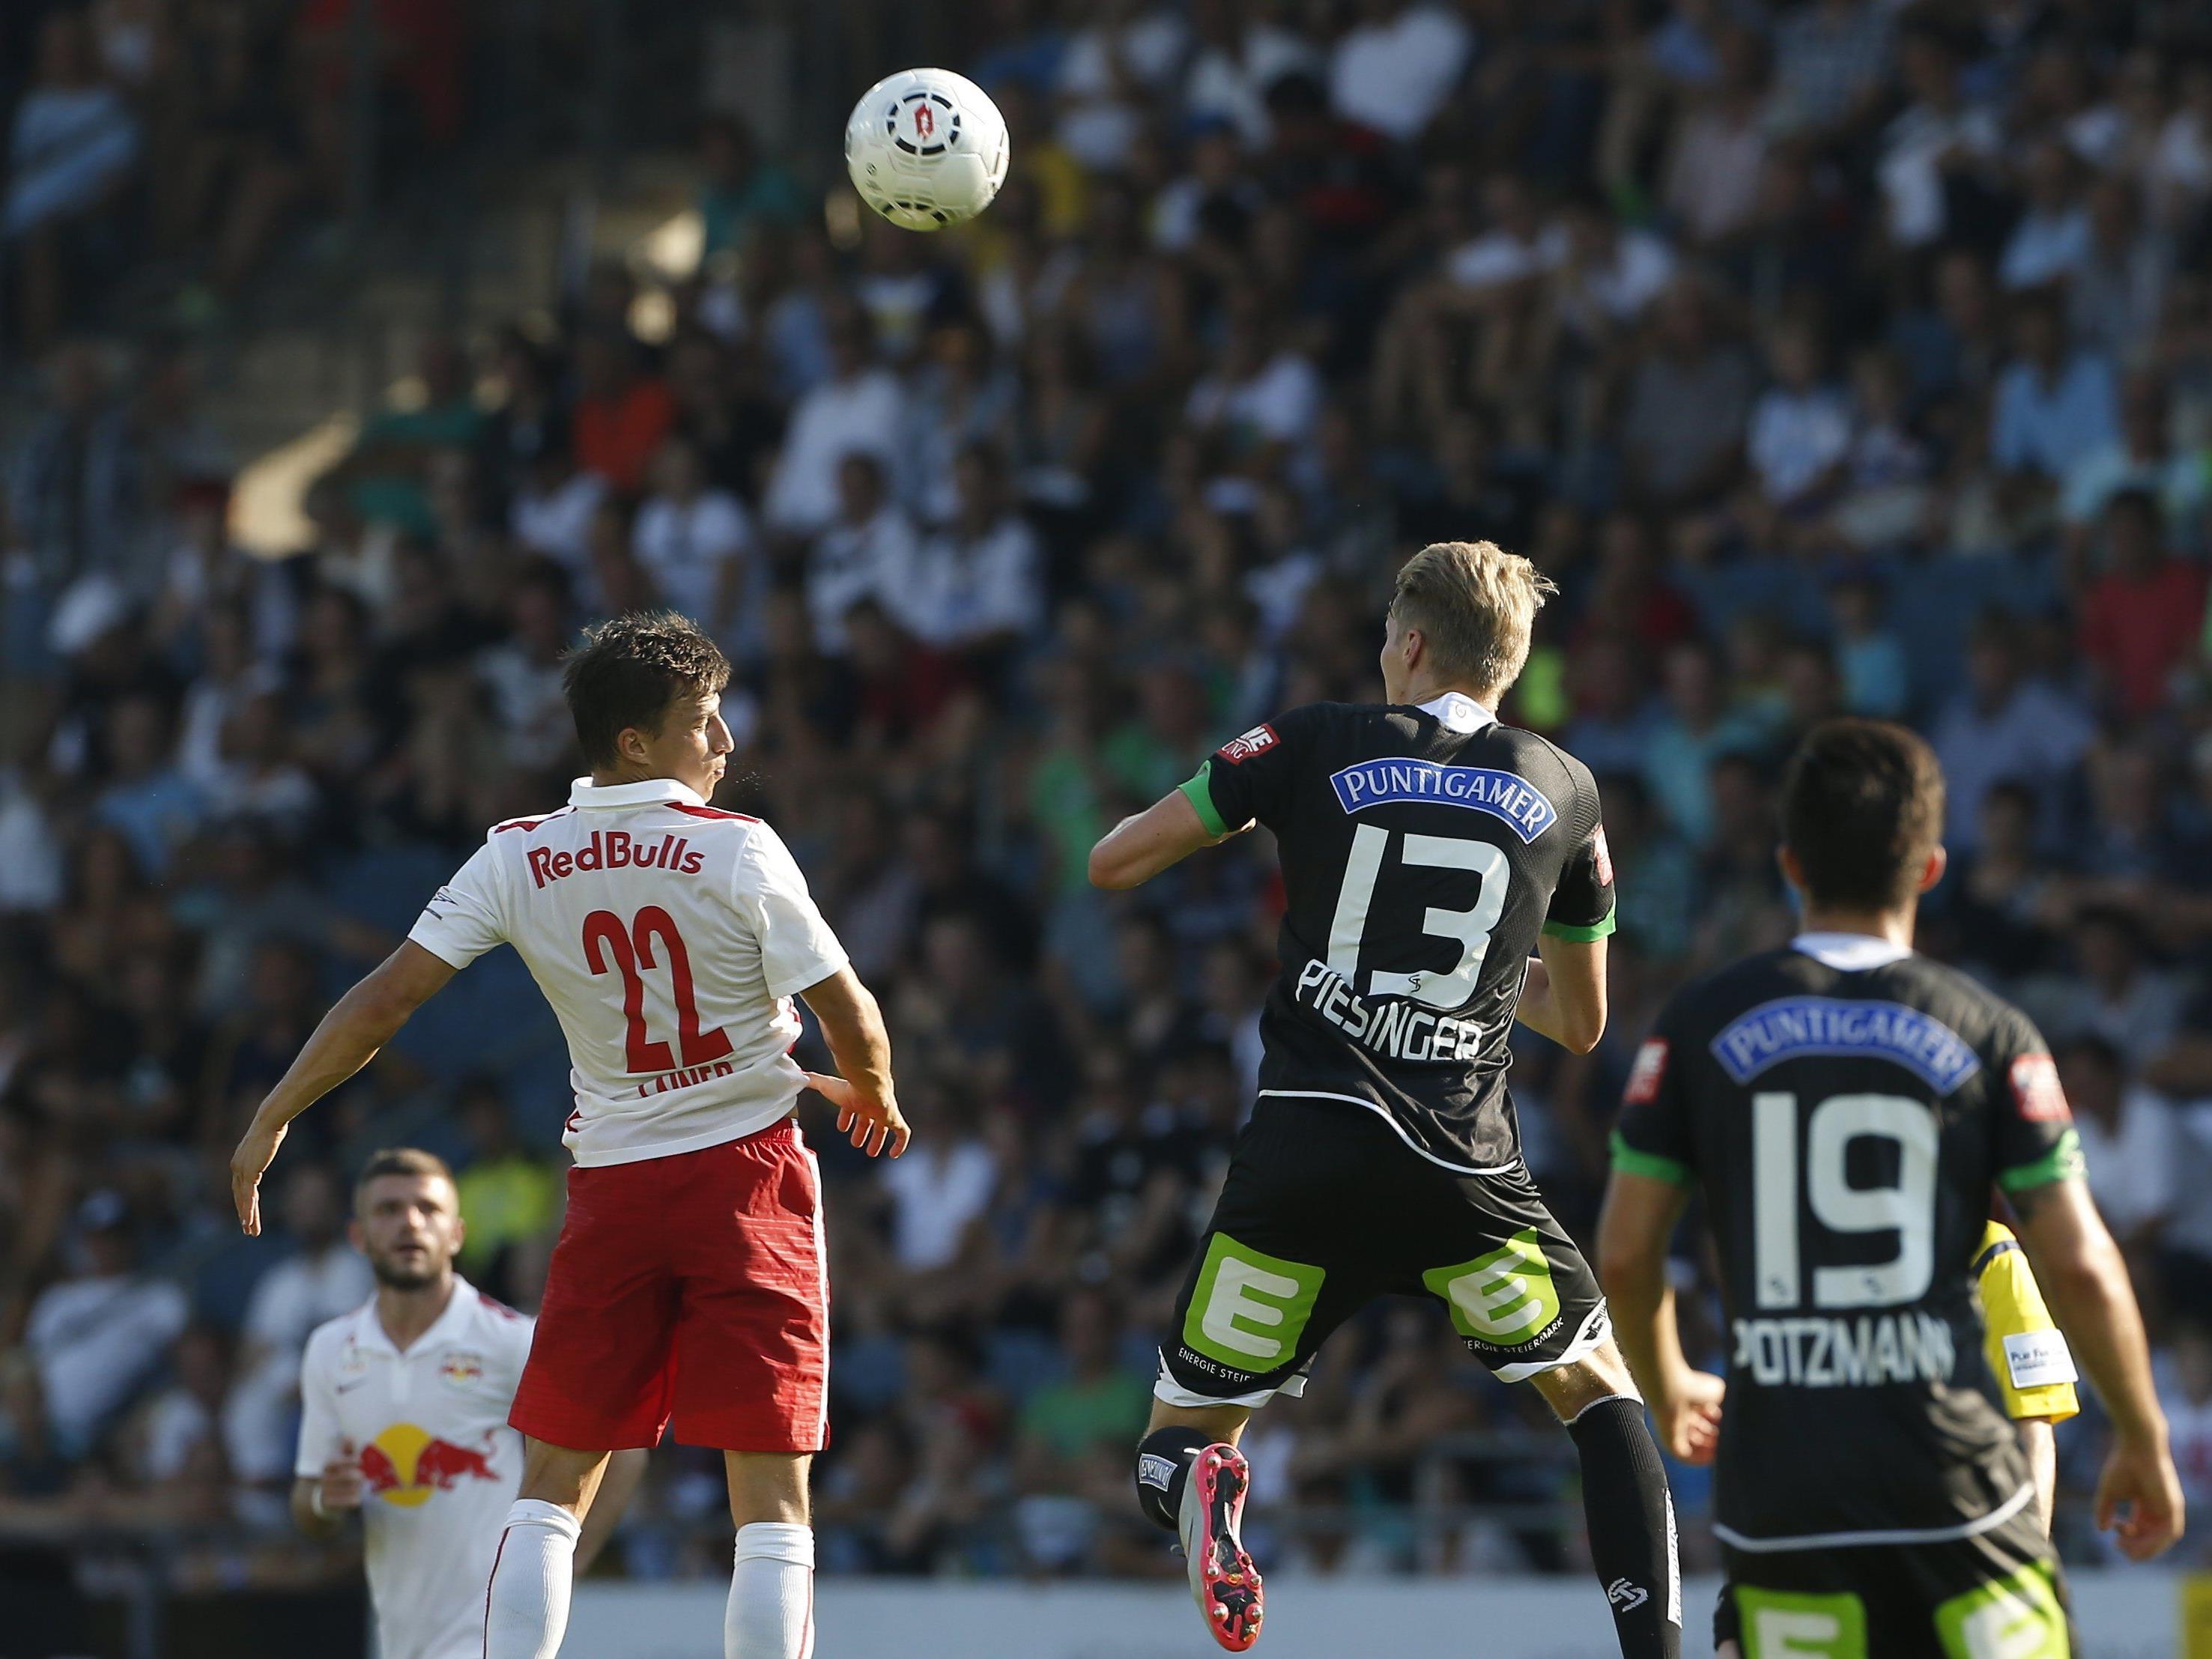 LIVE-Ticker zum Spiel Red Bull Salzburg gegen SK Sturm Graz ab 16.30 Uhr.